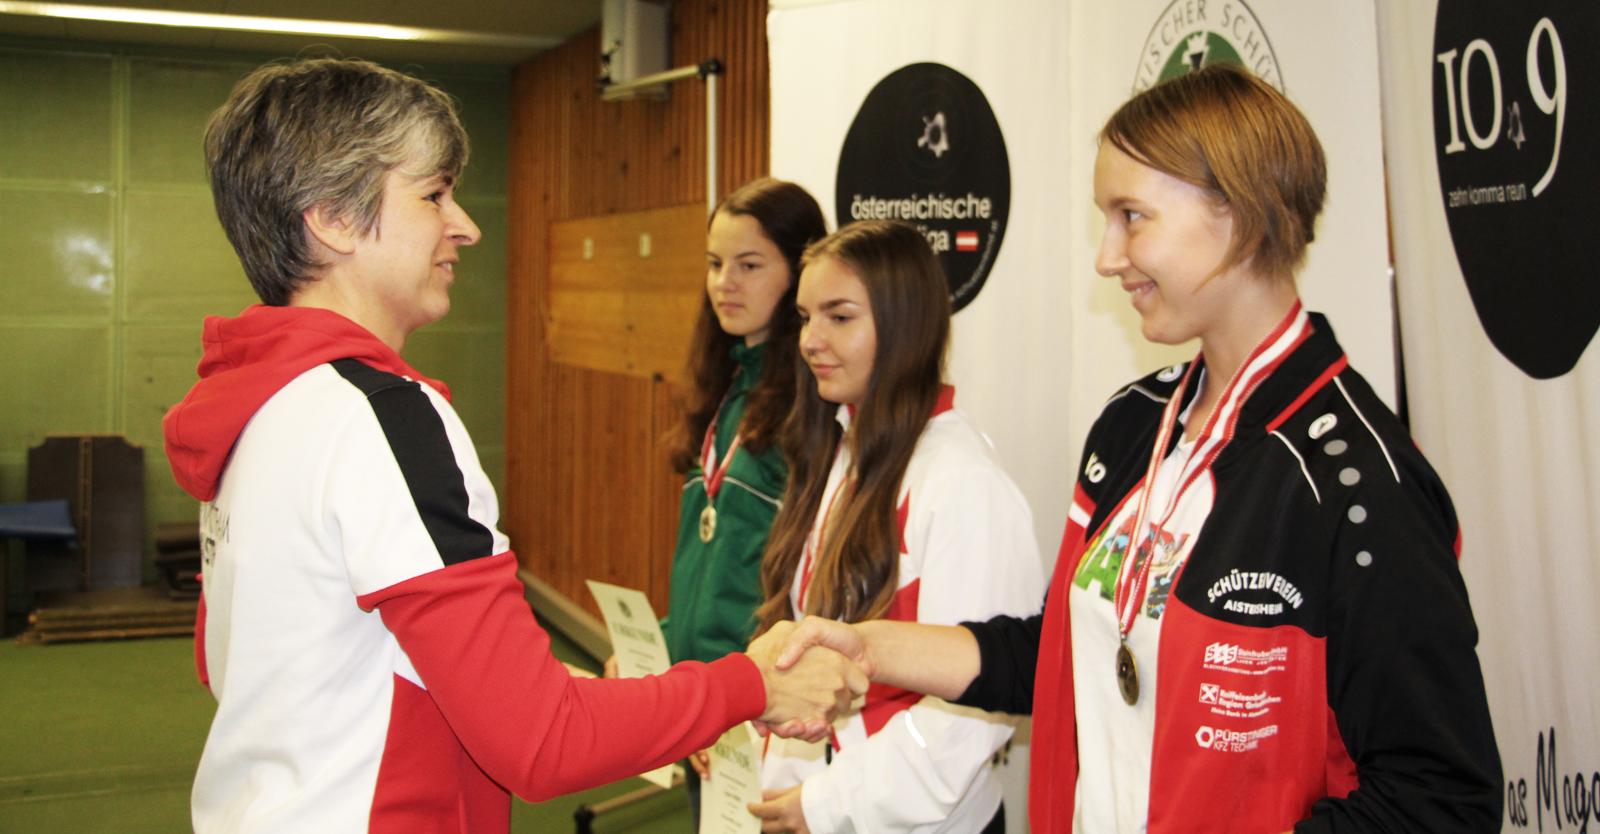 Ein Highlight für den ÖSB-Nachwuchs war die Siegerehrung: Die Medaillen und RWS-Munition überreichte Olympiastarterin Sylvia Steiner © Manfred Kopitar